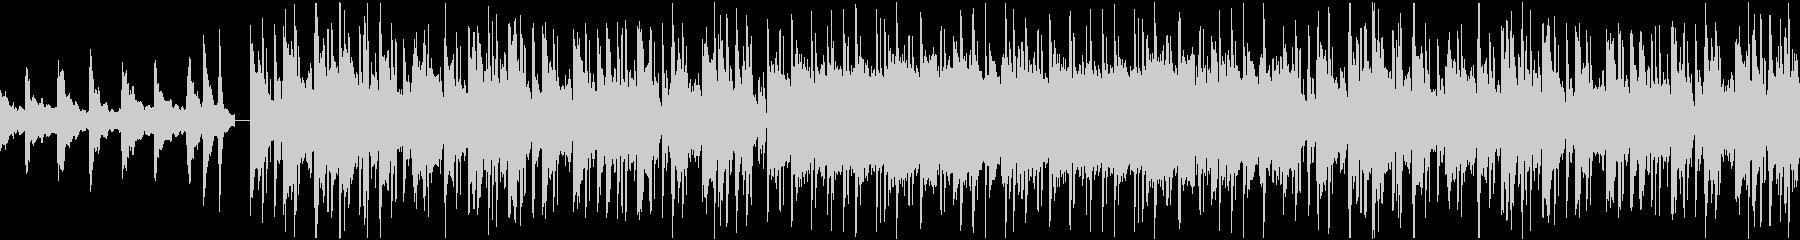 チルアウト ローファイヒップホップの未再生の波形